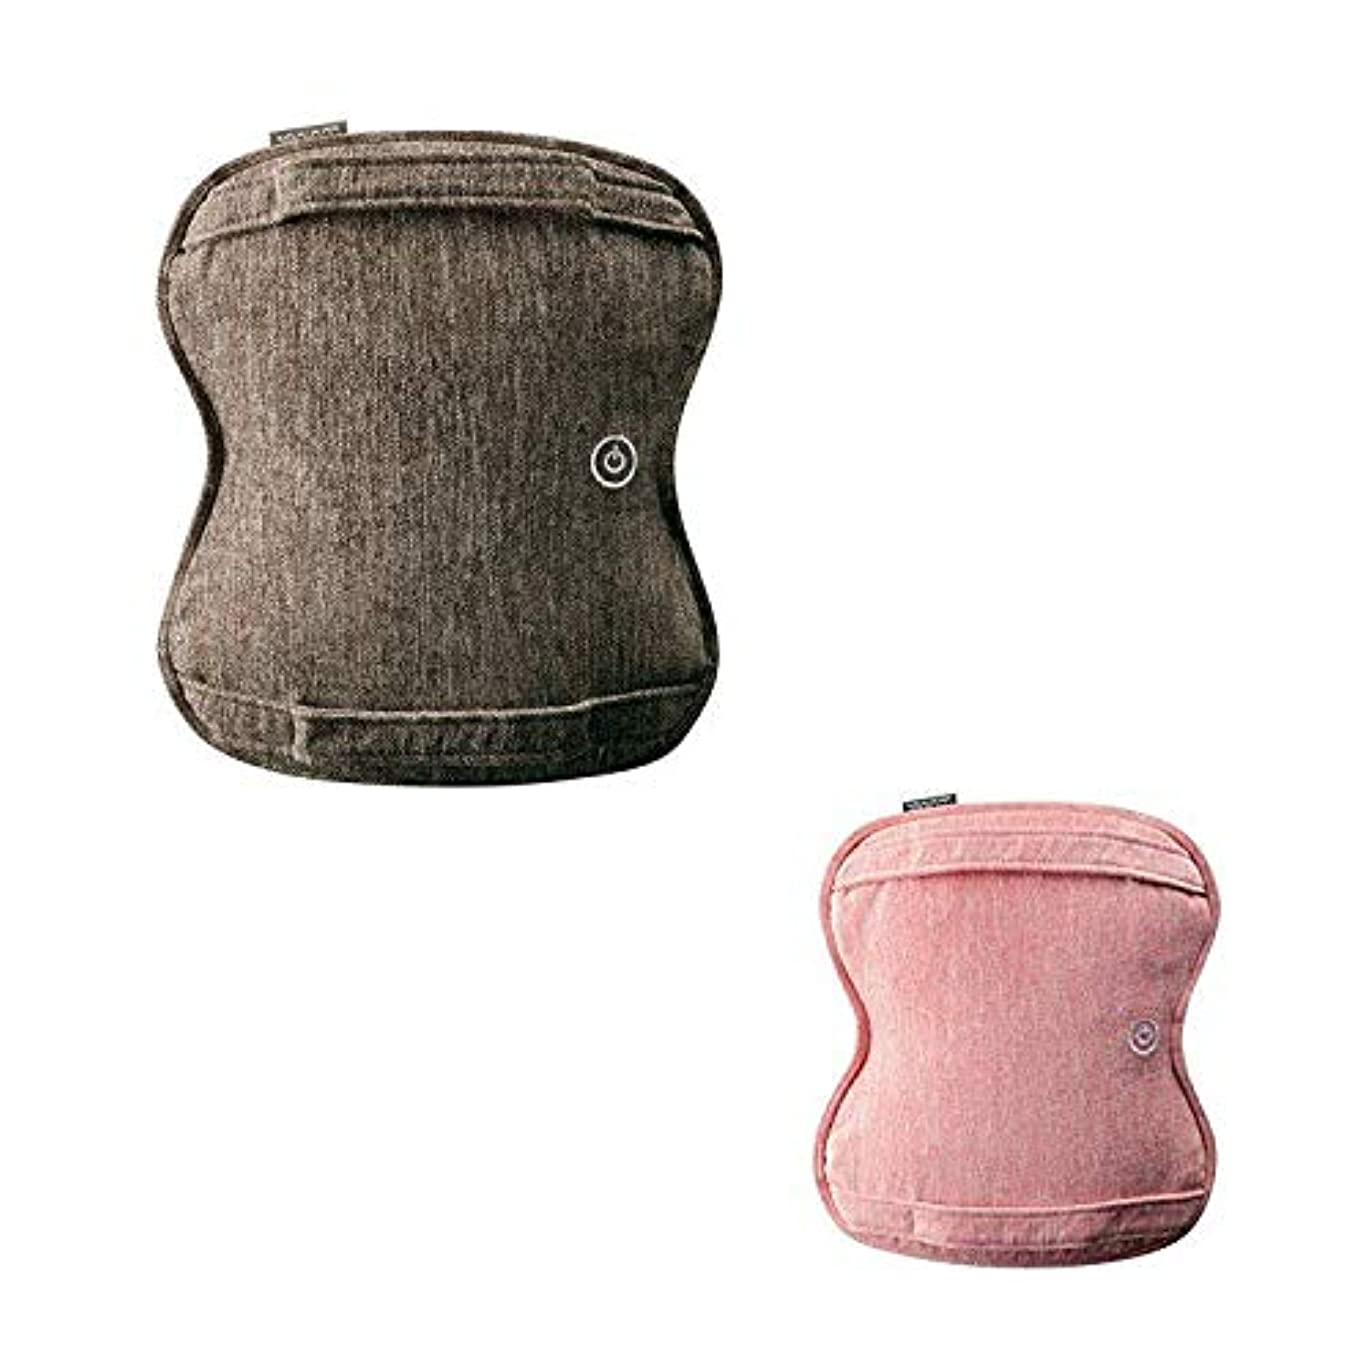 植生優れた創造ルルド AX-HCL258 ダブルもみ マッサージクッション マッサージ器 洗える 健康器具 腰痛 肩 首 プレゼント アテックス ATEX ランキング (ブラウン(br))